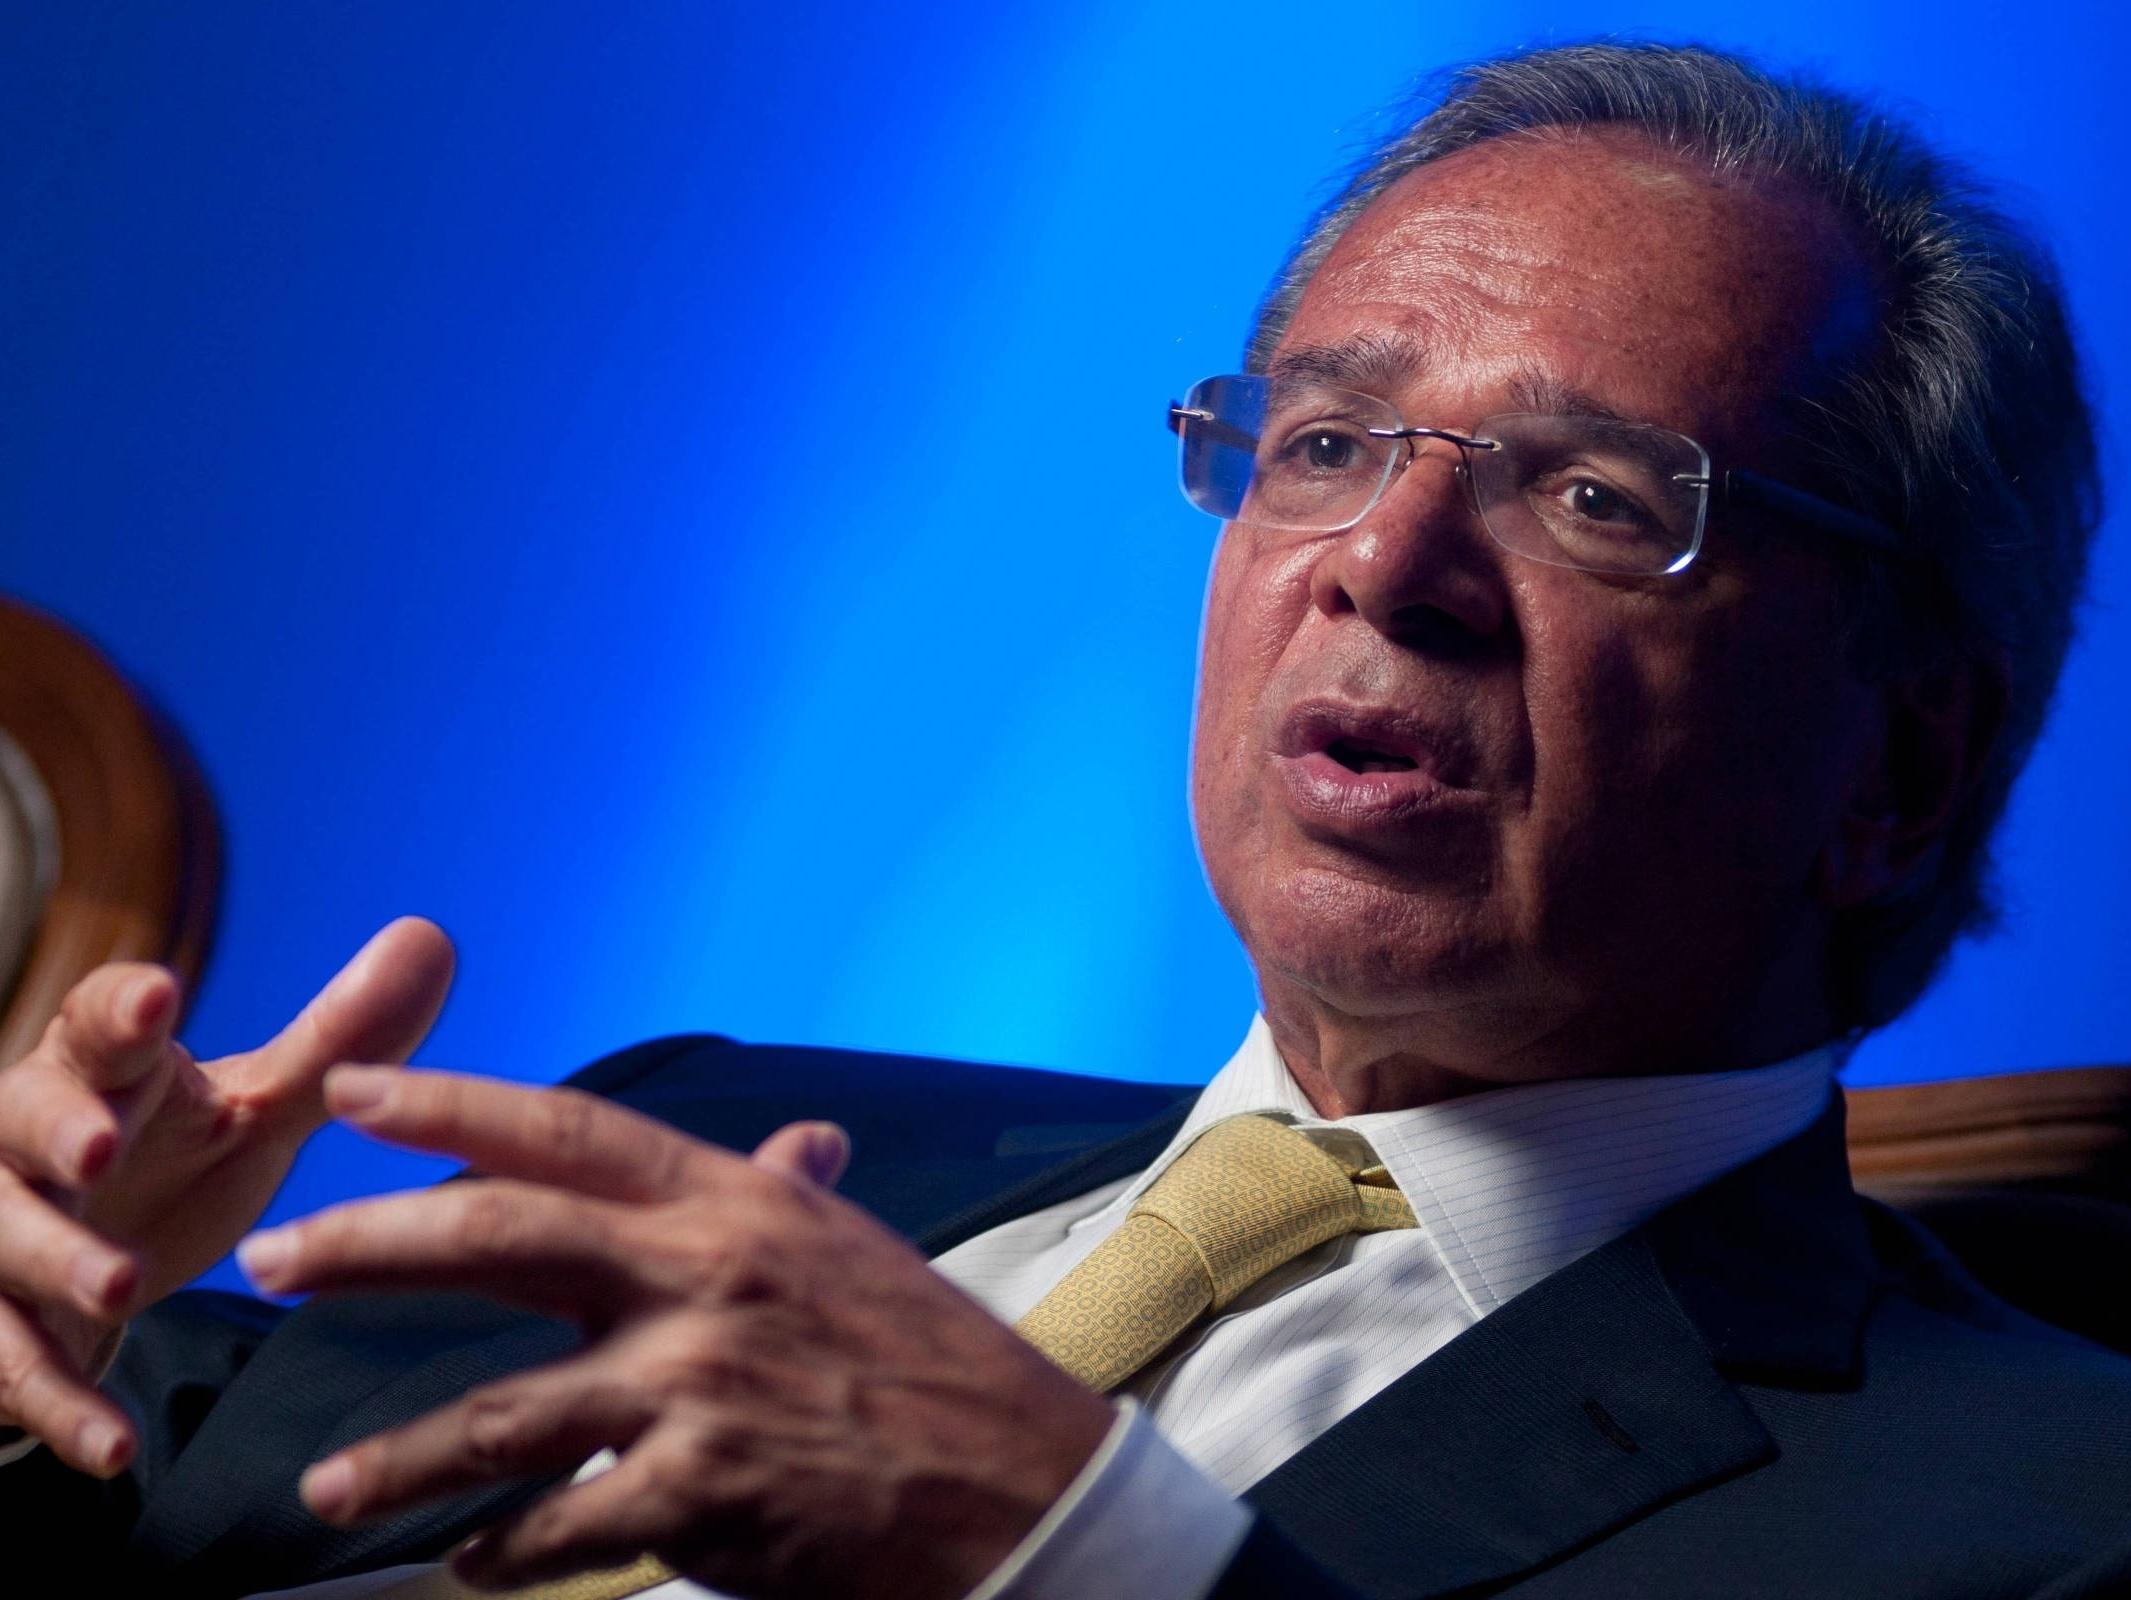 PhD de personalidade forte e especulador: Paulo Guedes, o guru de Bolsonaro